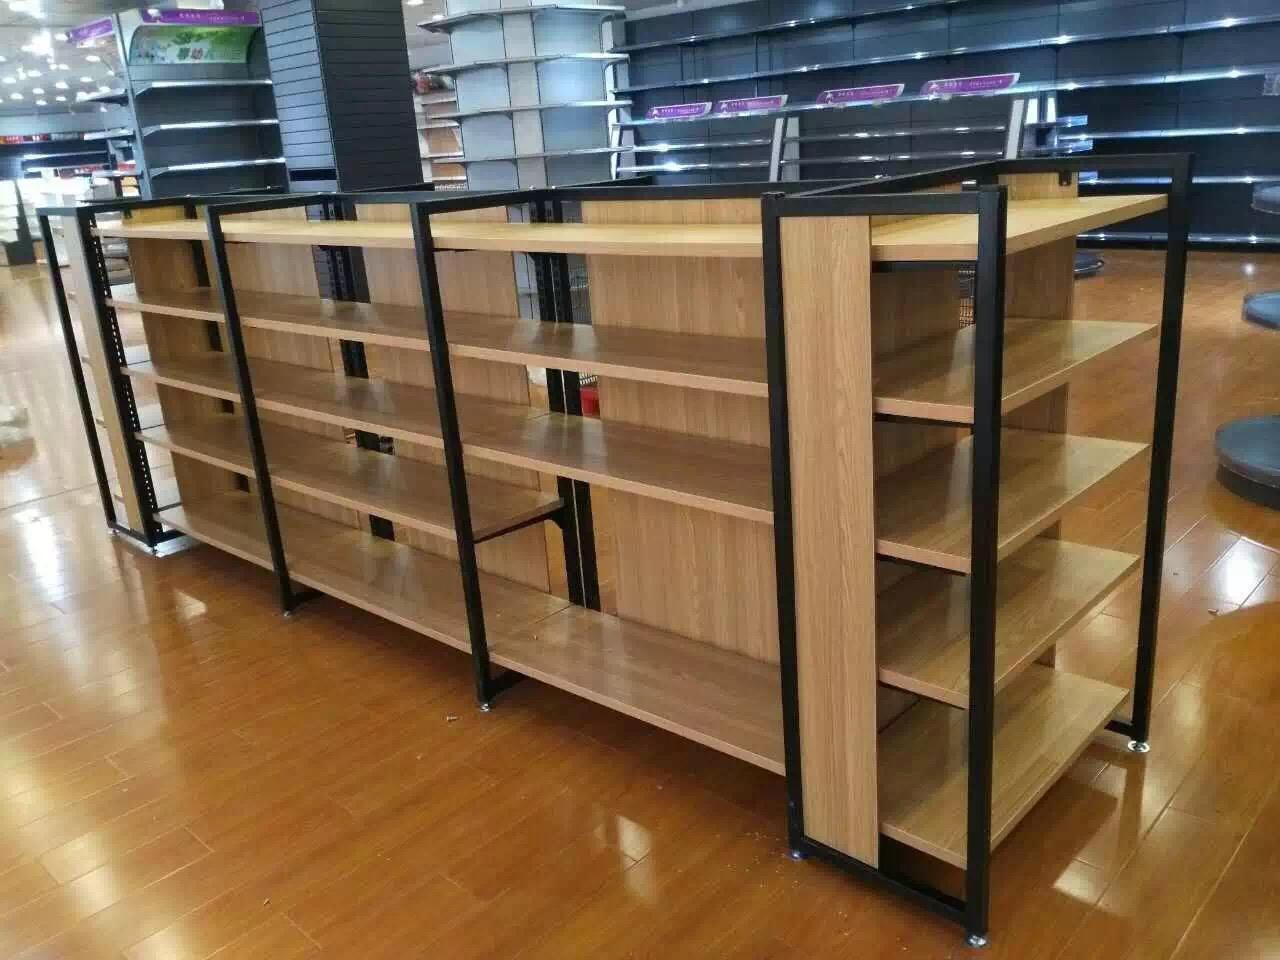 超市木制品货架使用注意事项有哪些